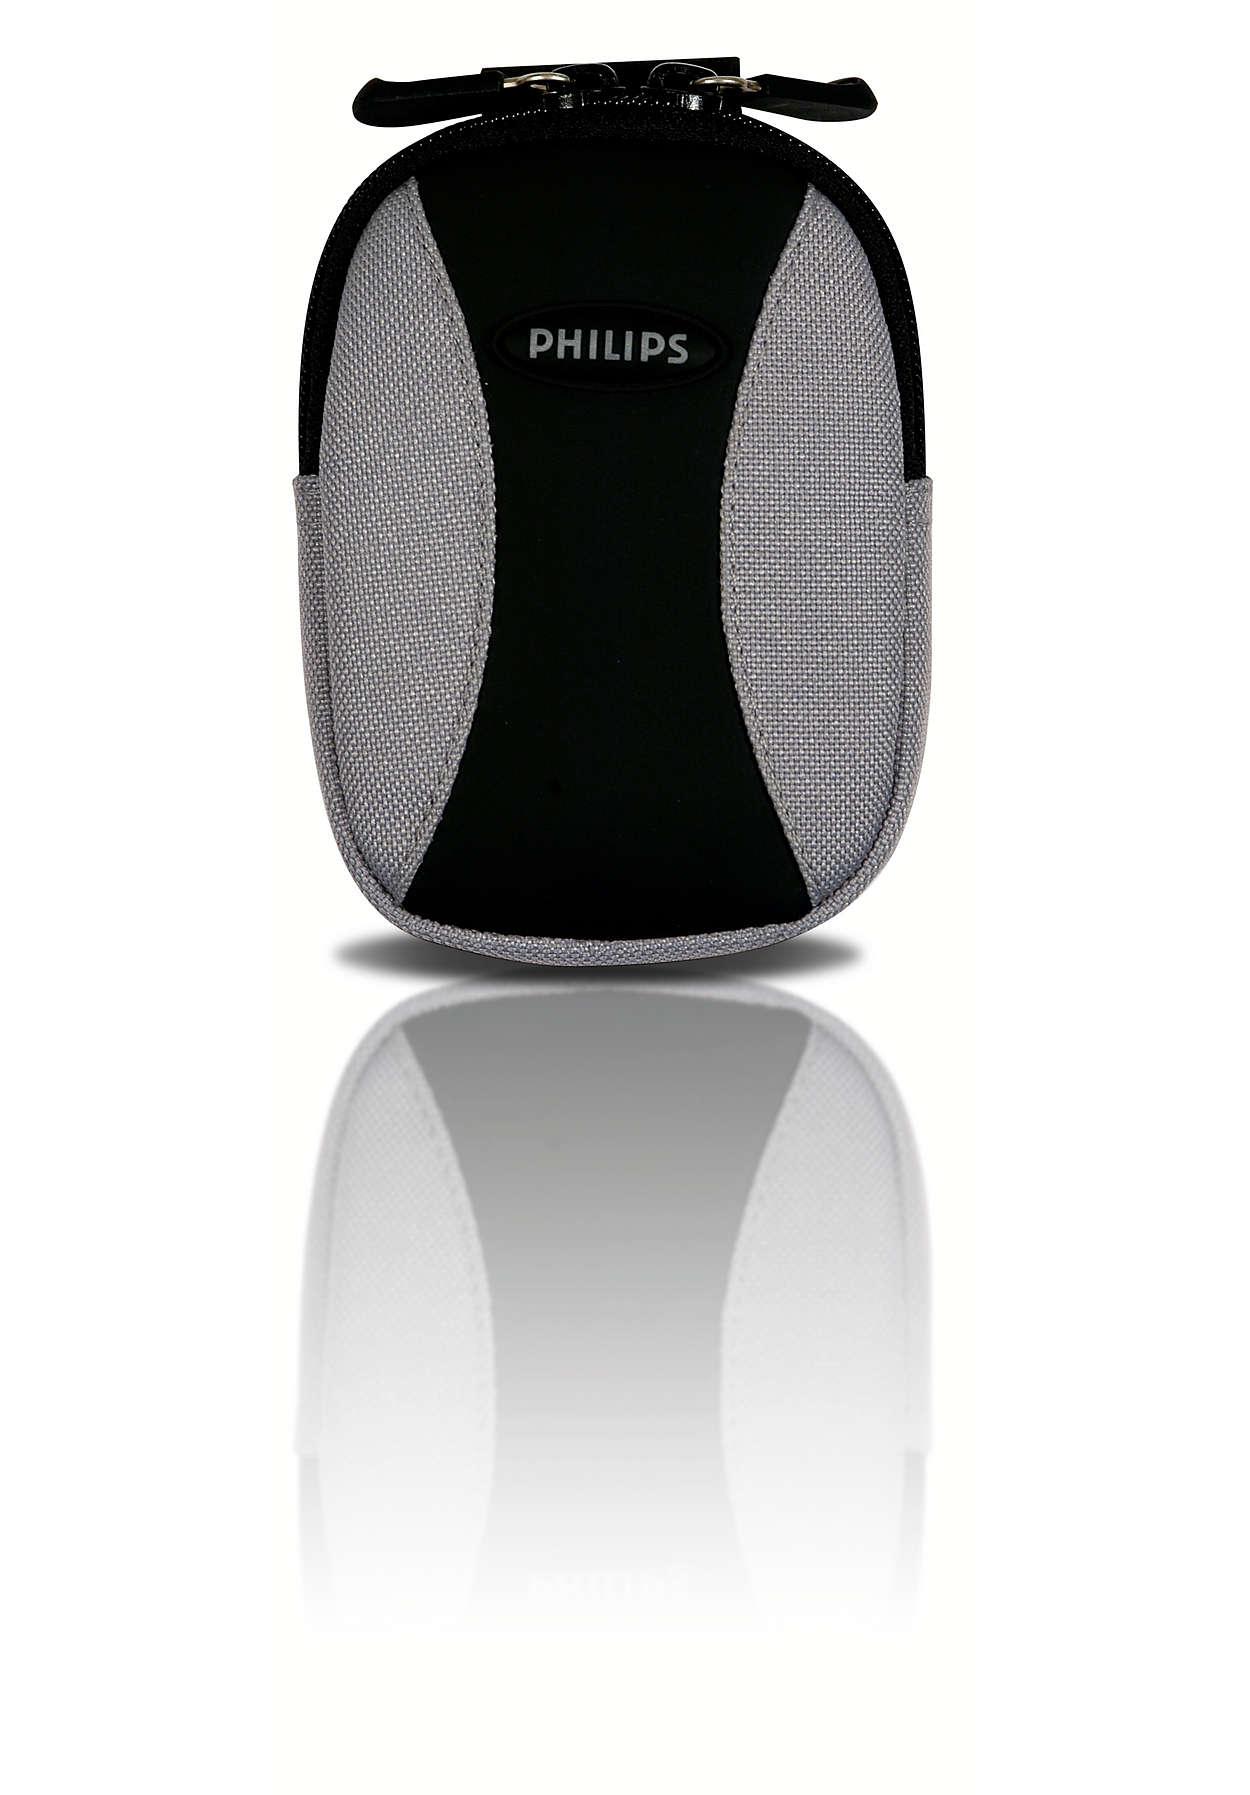 Transporta tu reproductor de música digital cómodamente